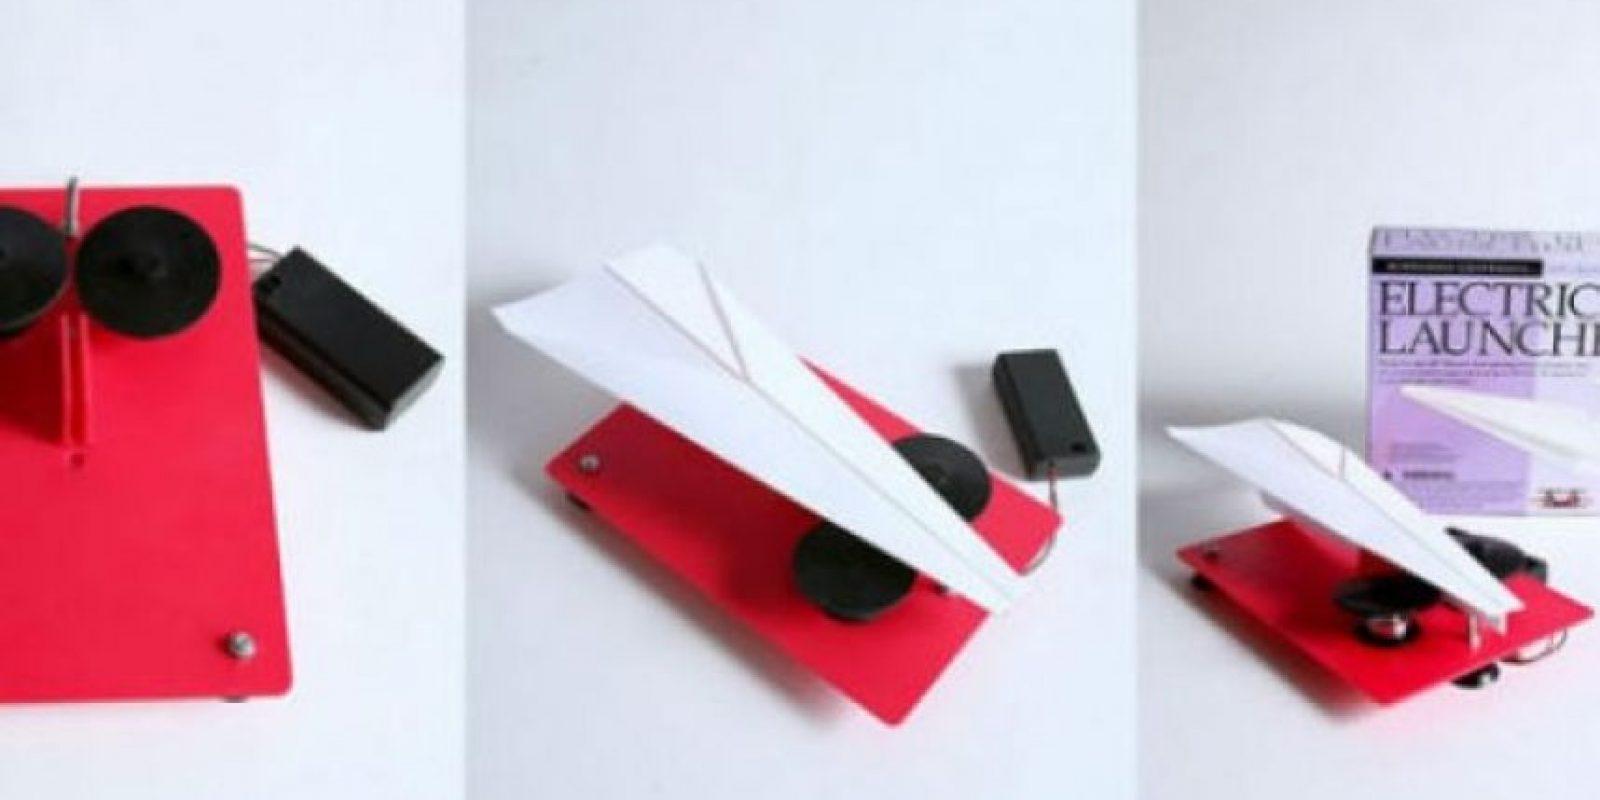 Lanzador eléctrico de aviones de papel